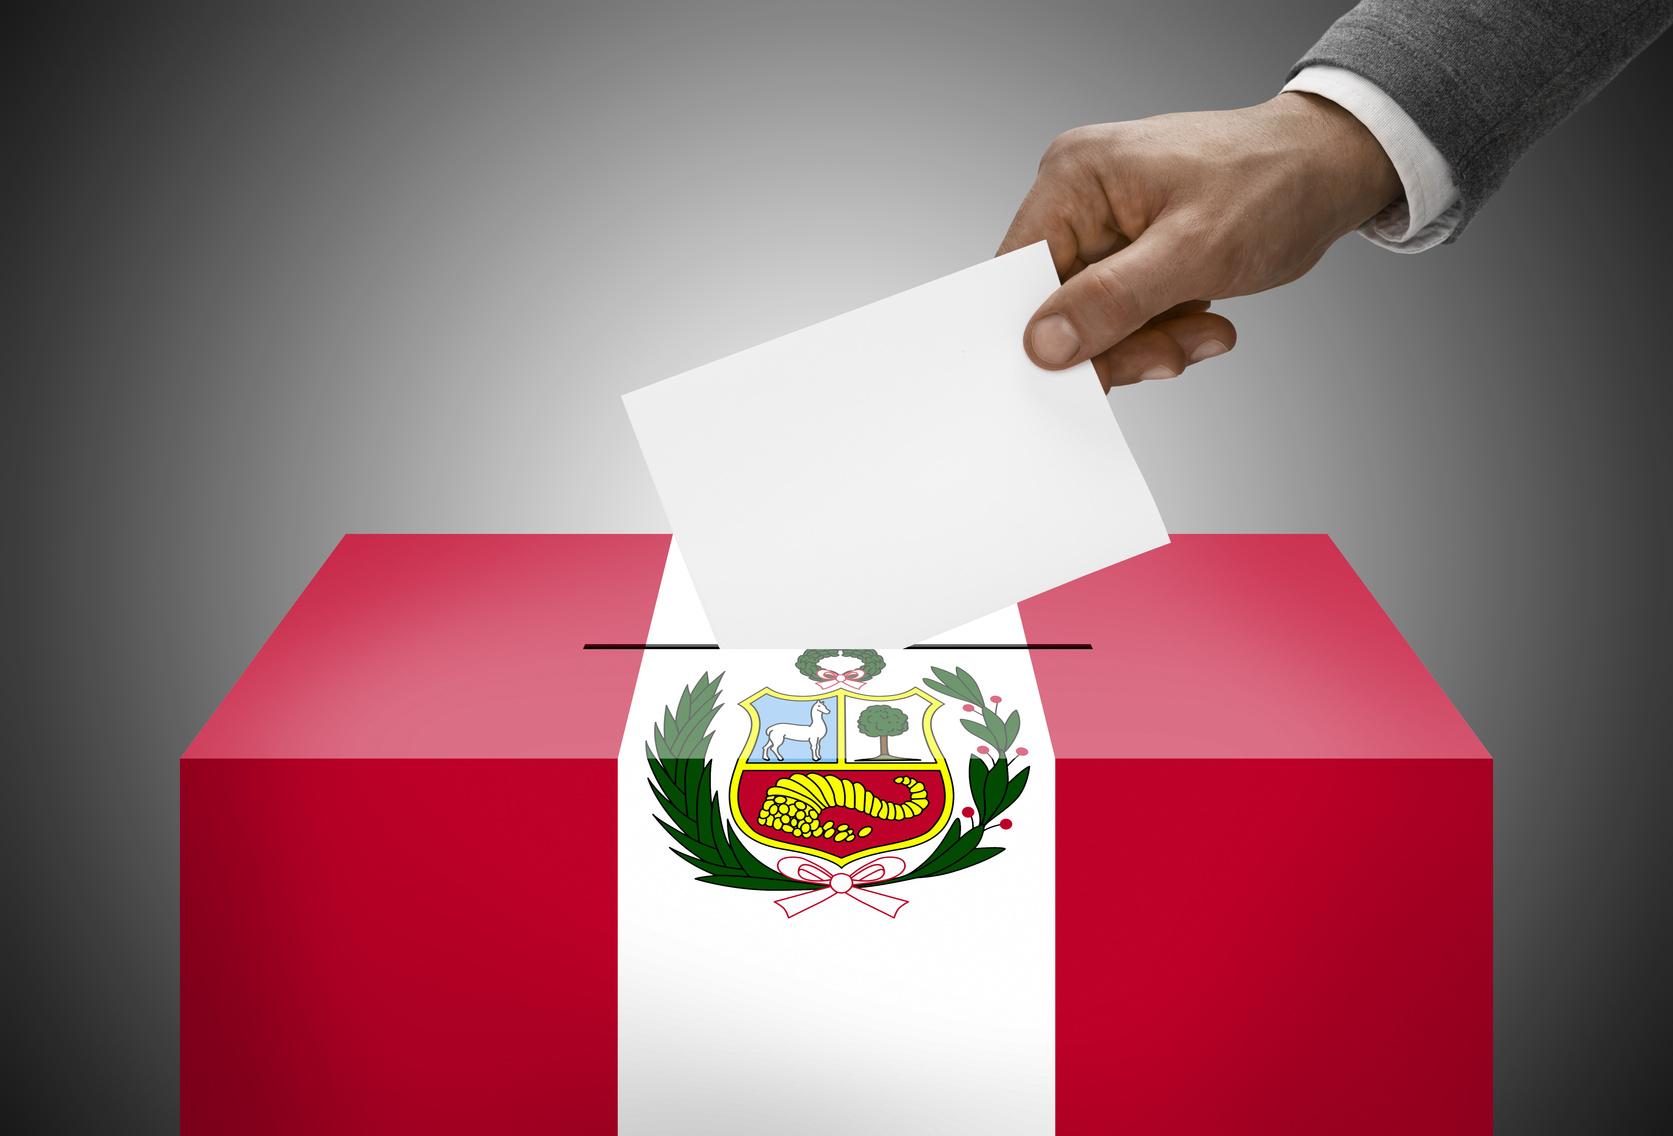 Elecciones 2016: votos, multas y todo lo que debes saber